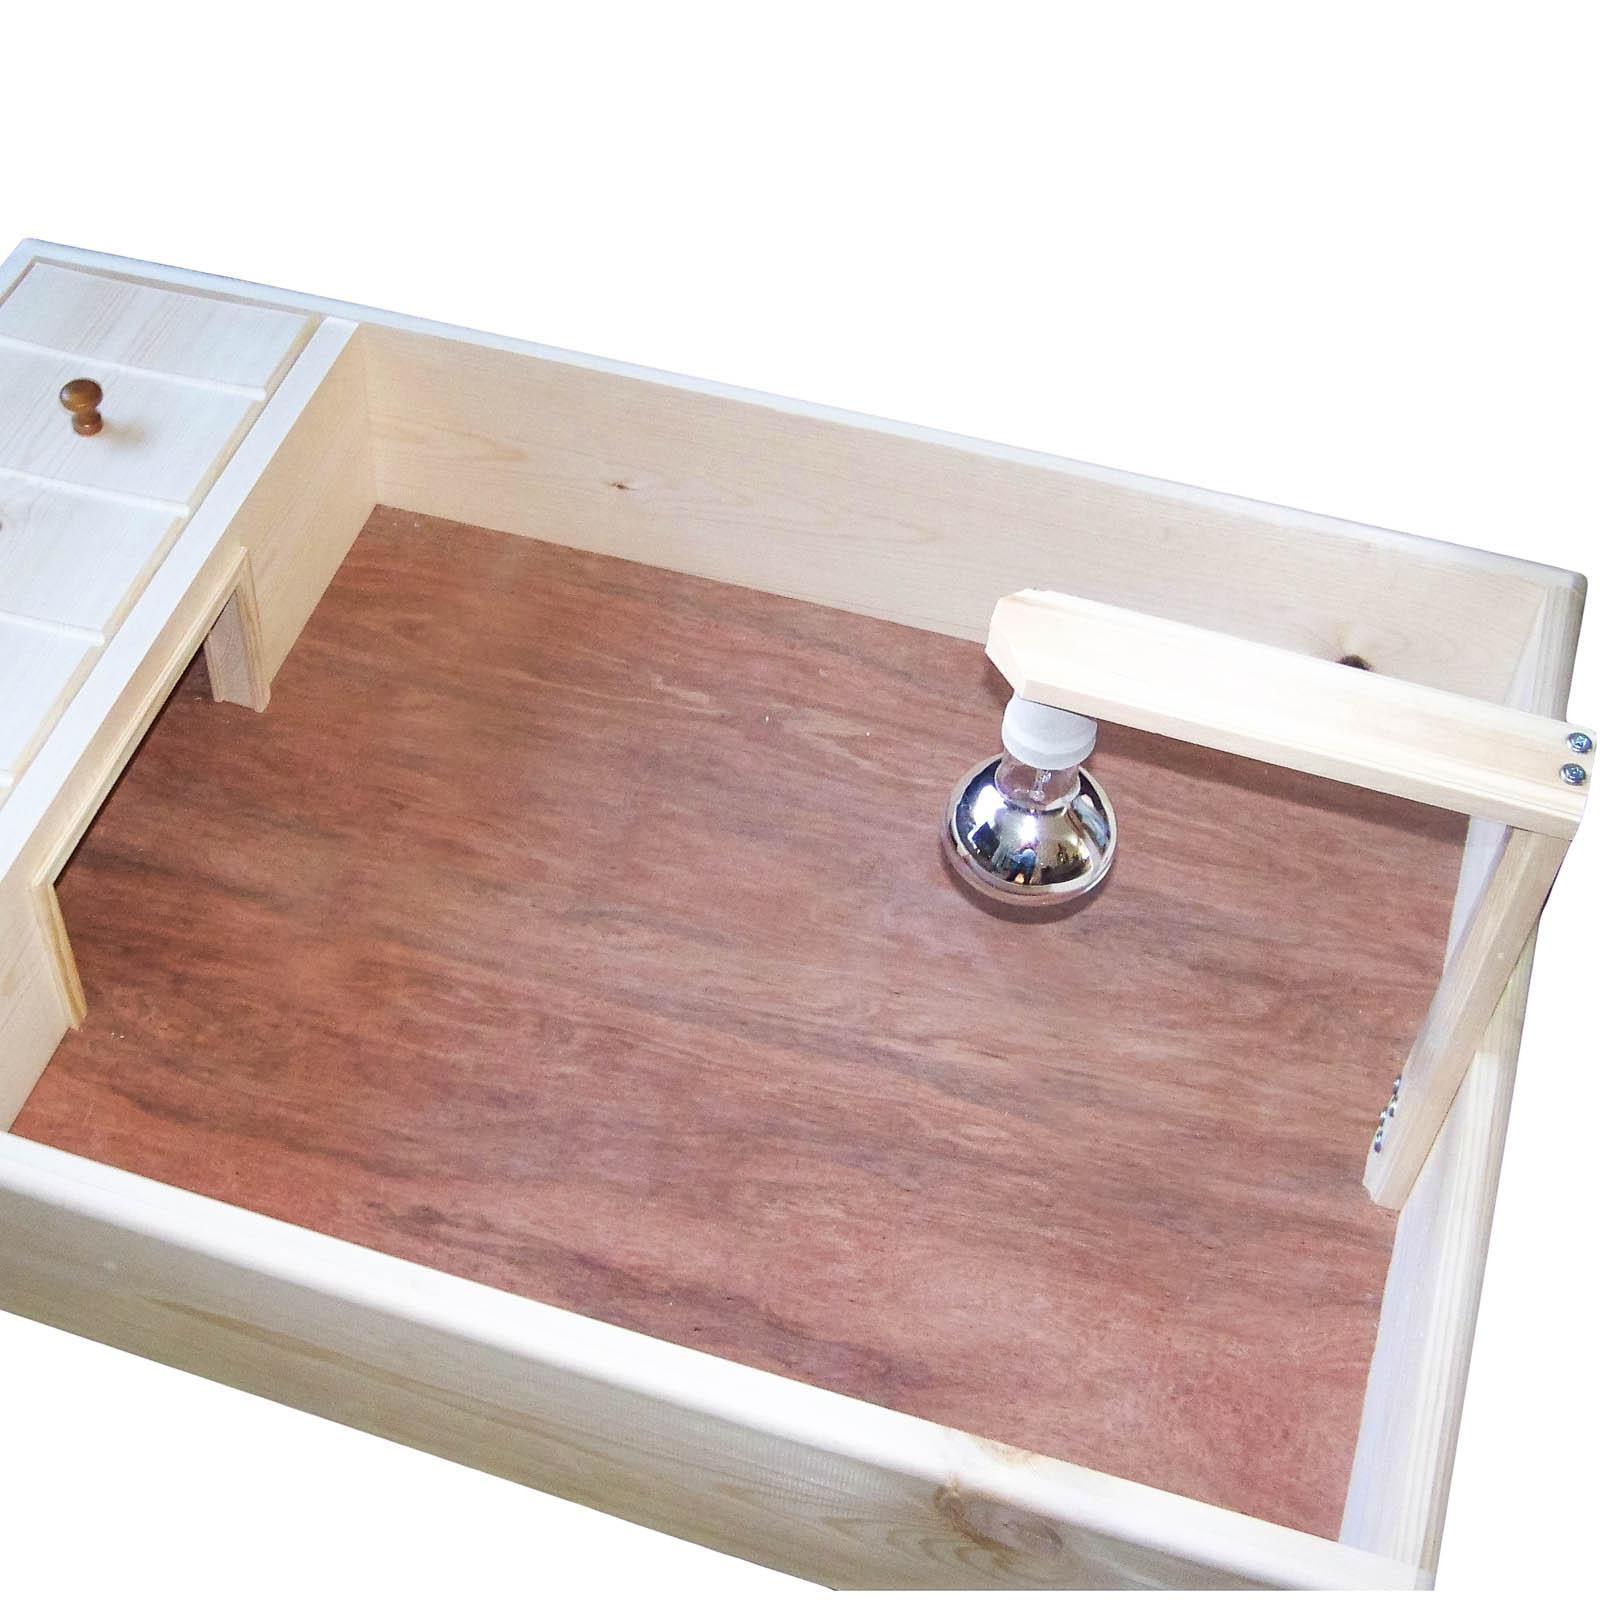 Tortoise table model 363 for sale 24 x 18 x 6 for Tortoise table org uk